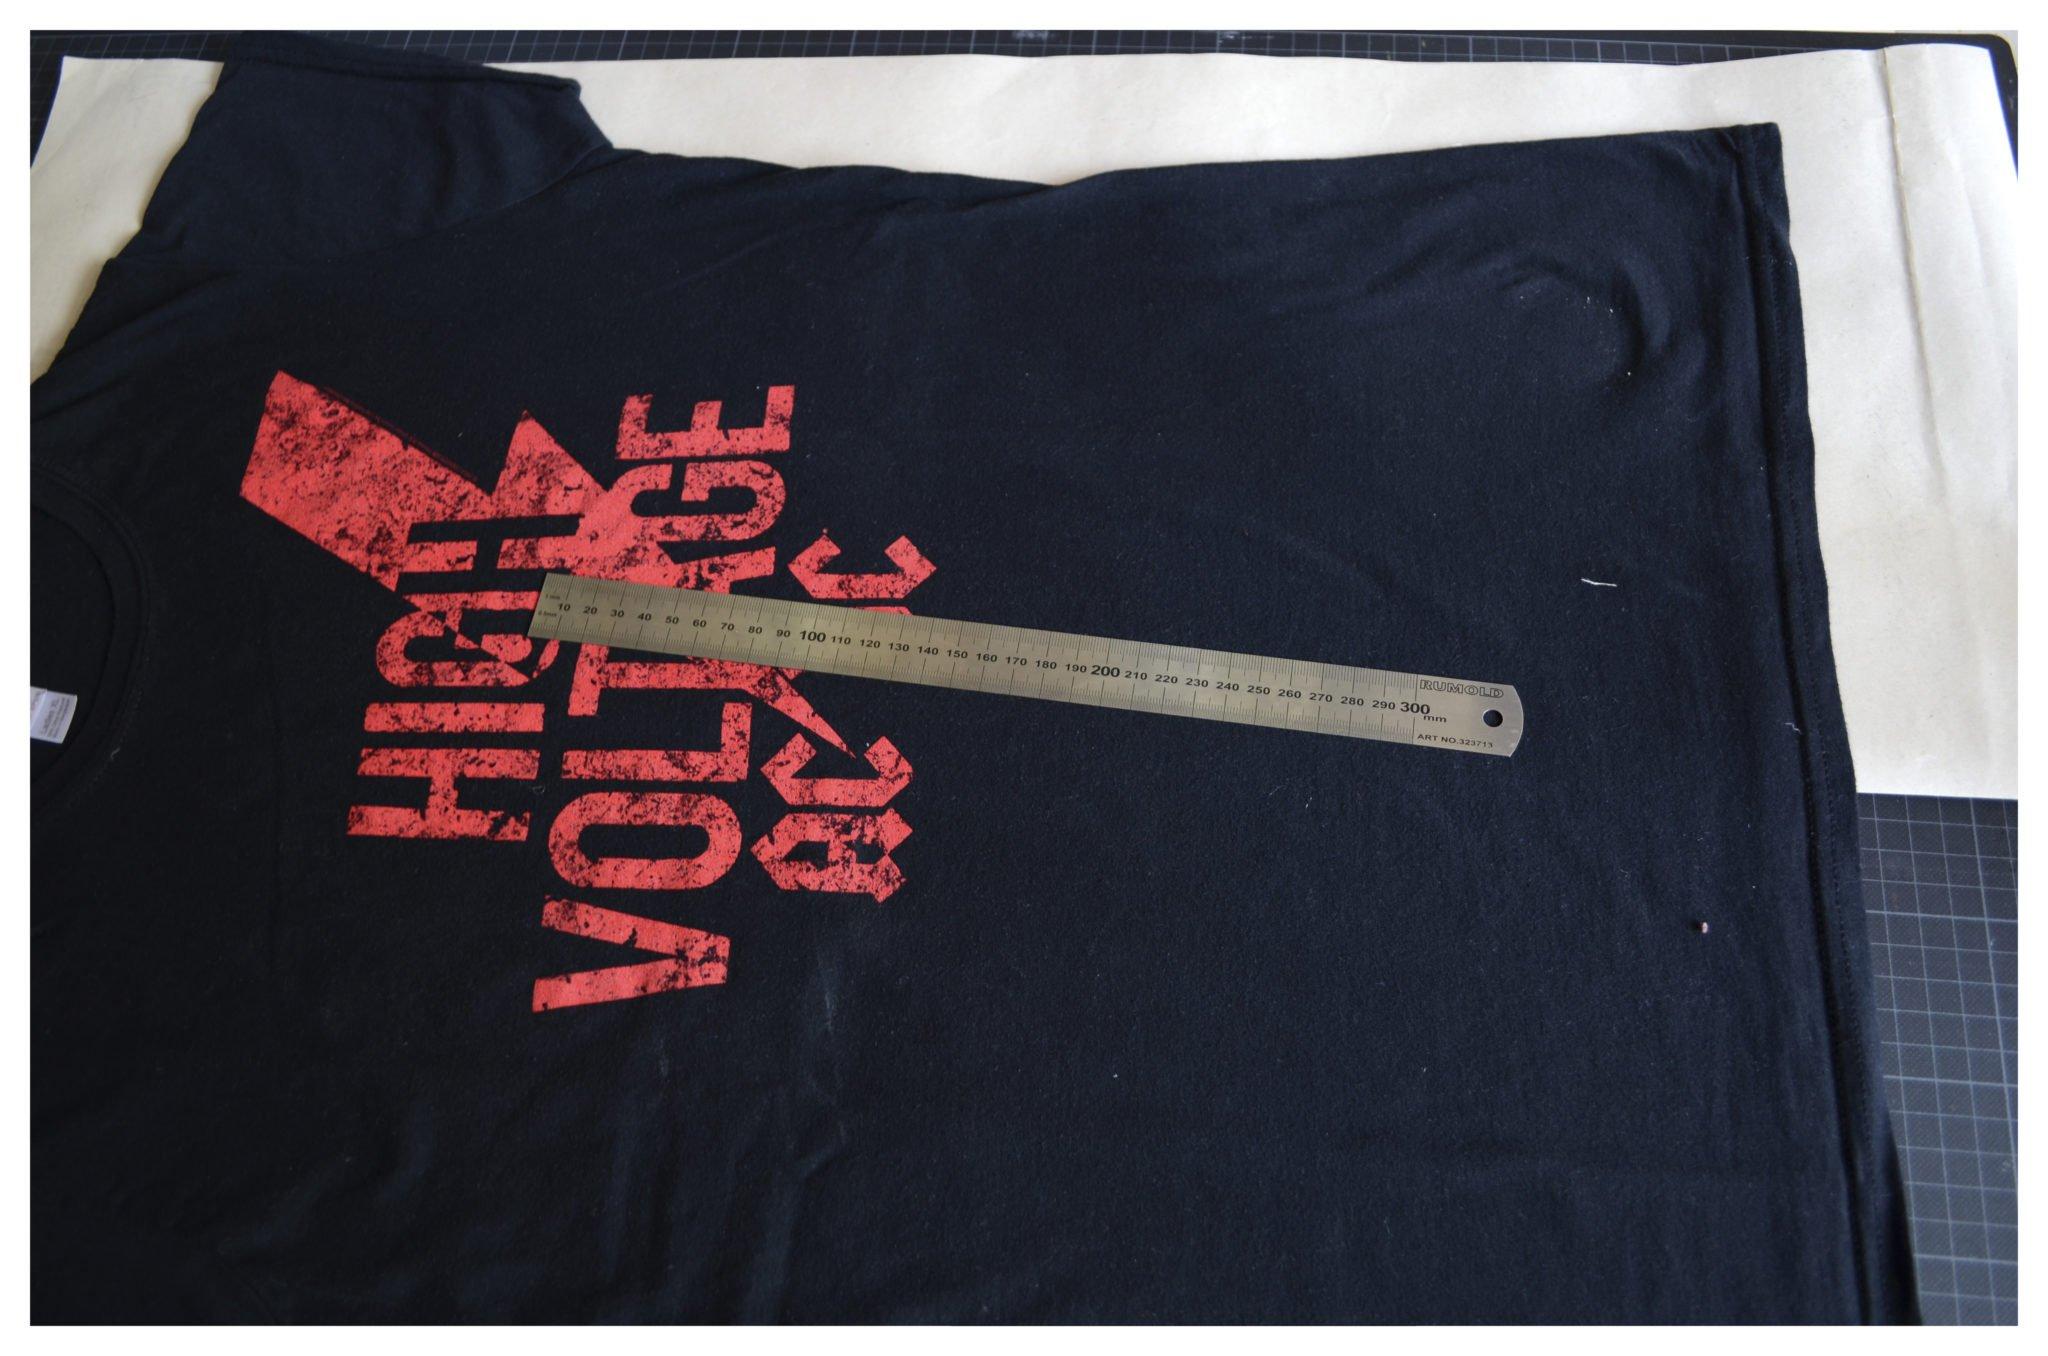 t-shirt selber machen - Schnitt von Lieblingsshirt kopieren